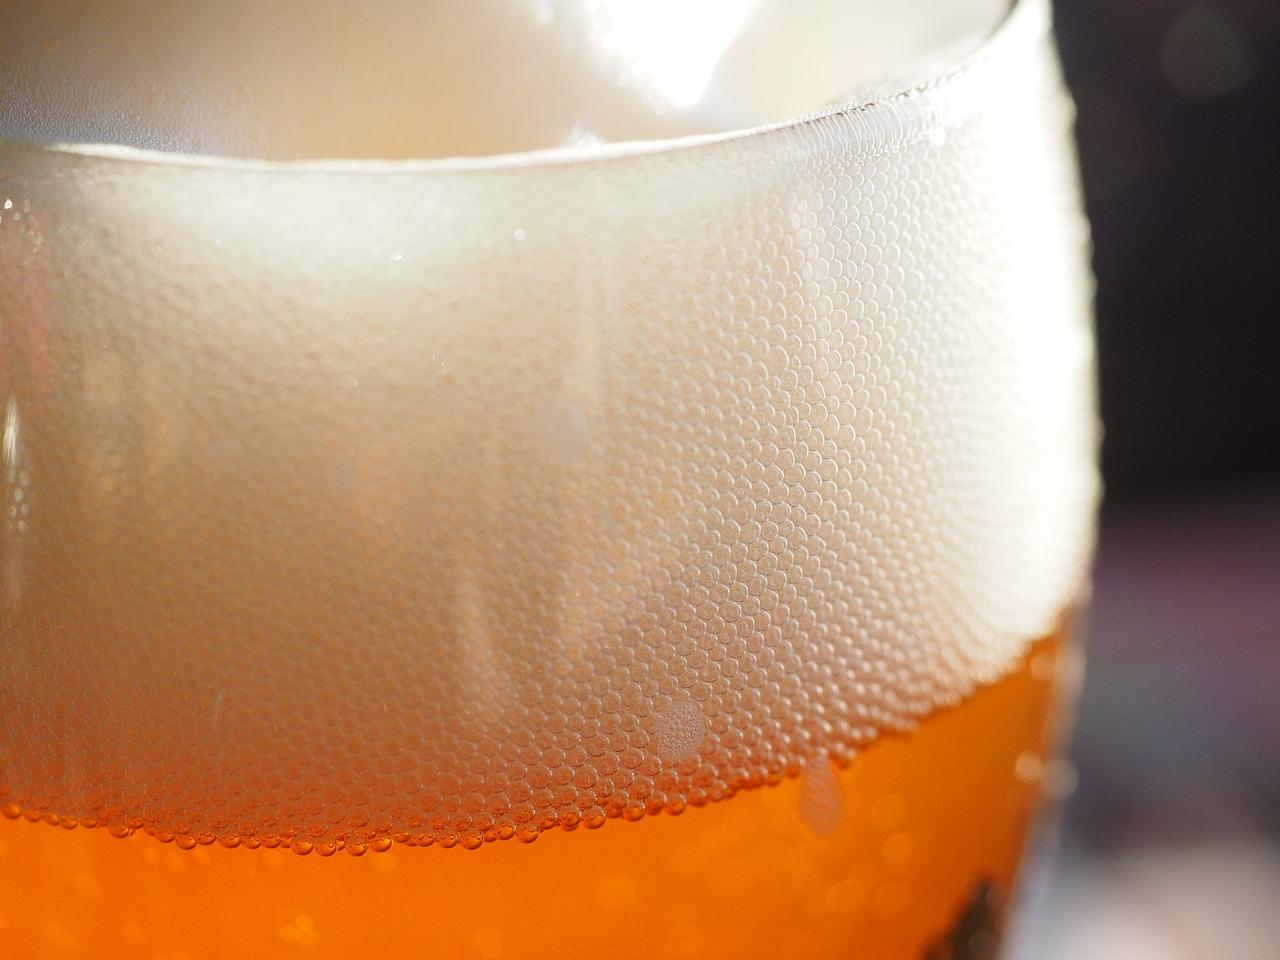 Los efectos positivos de la cerveza sin alcohol en la salud